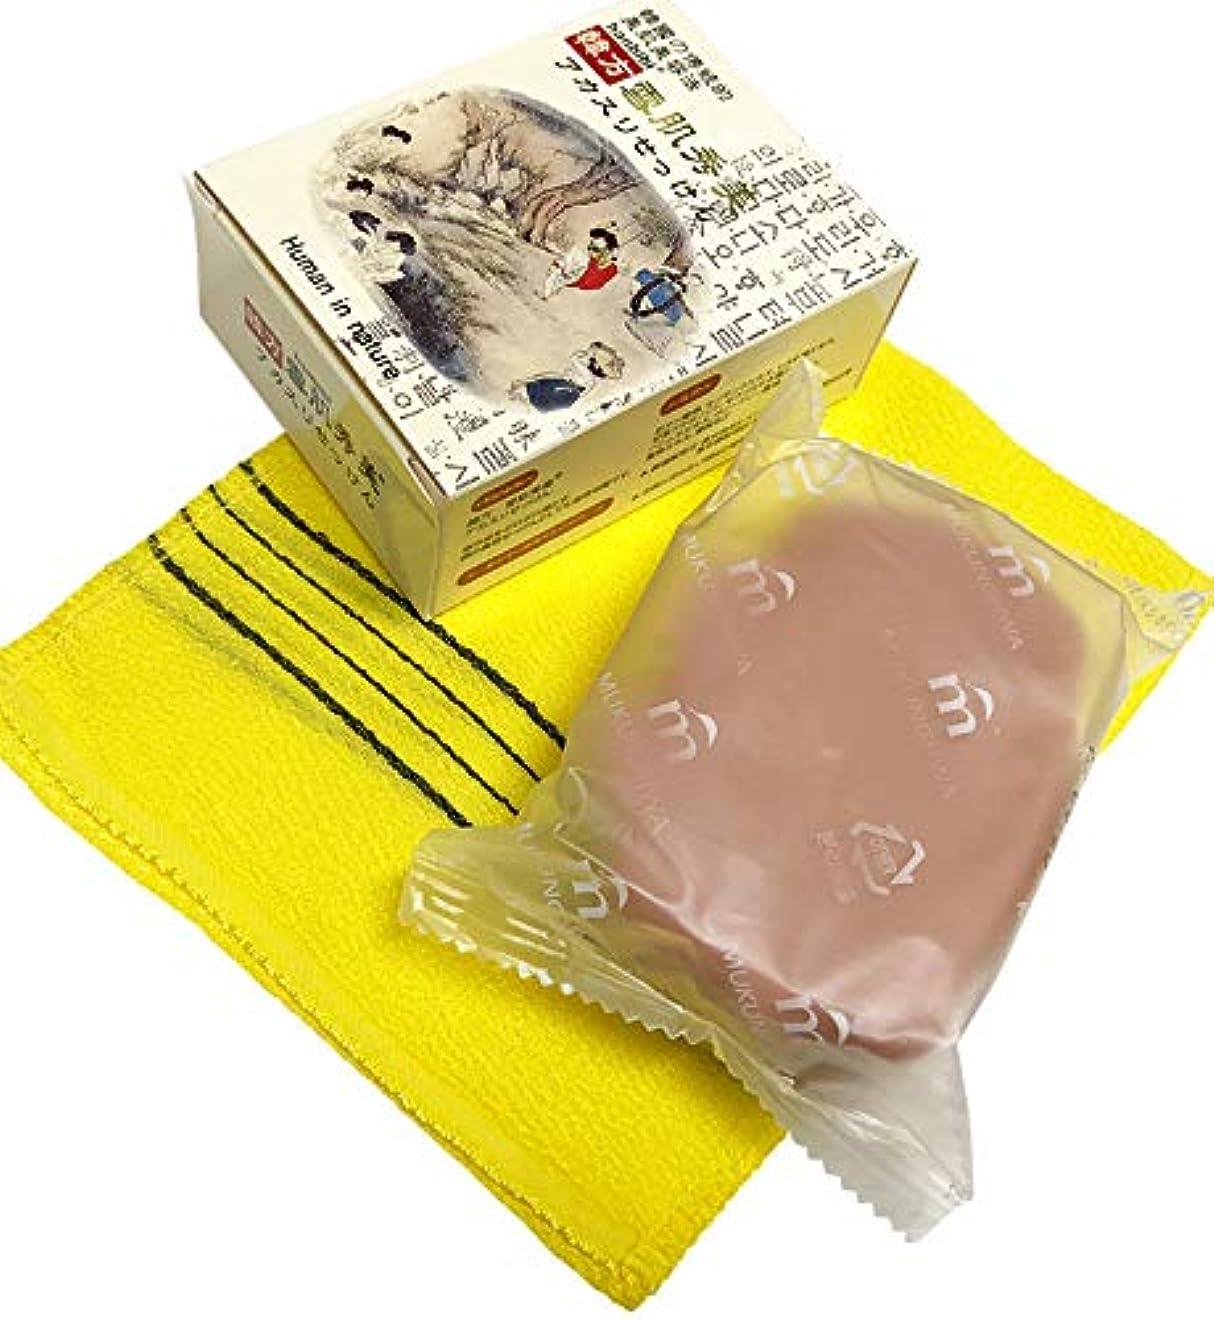 レンドなめらか帽子顔、体兼用、蜂蜜香りの韓方石ケン、韓国コスメ 韓方[雪肌美]蜂蜜アカスリせっけん アカスリ専用タオル付き